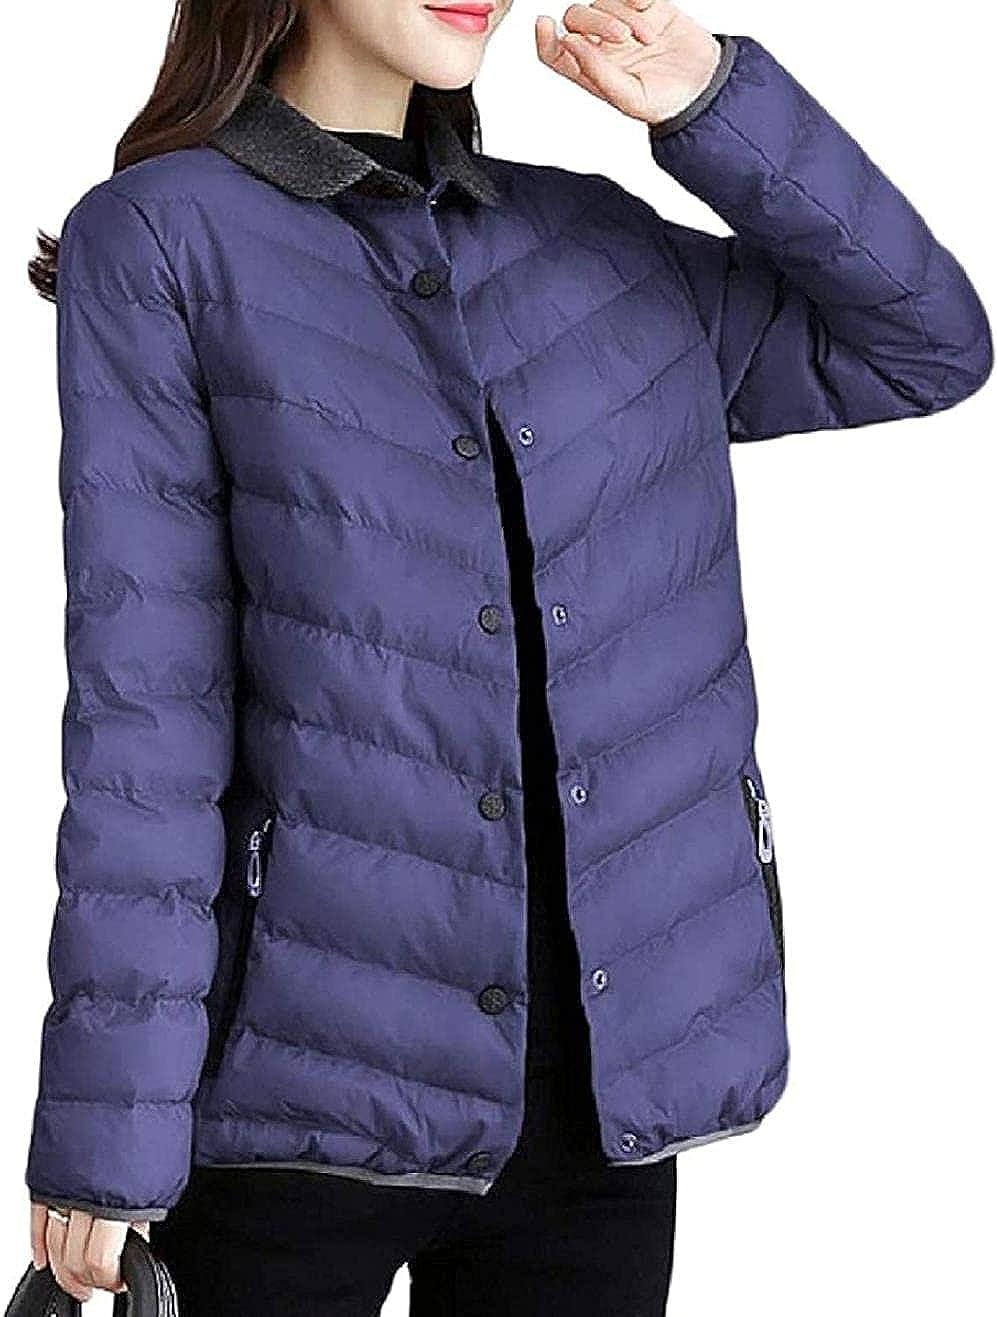 Women Top Classic Coat Quilted Winter Puffer Zip-Up Warm Anorak Jacket